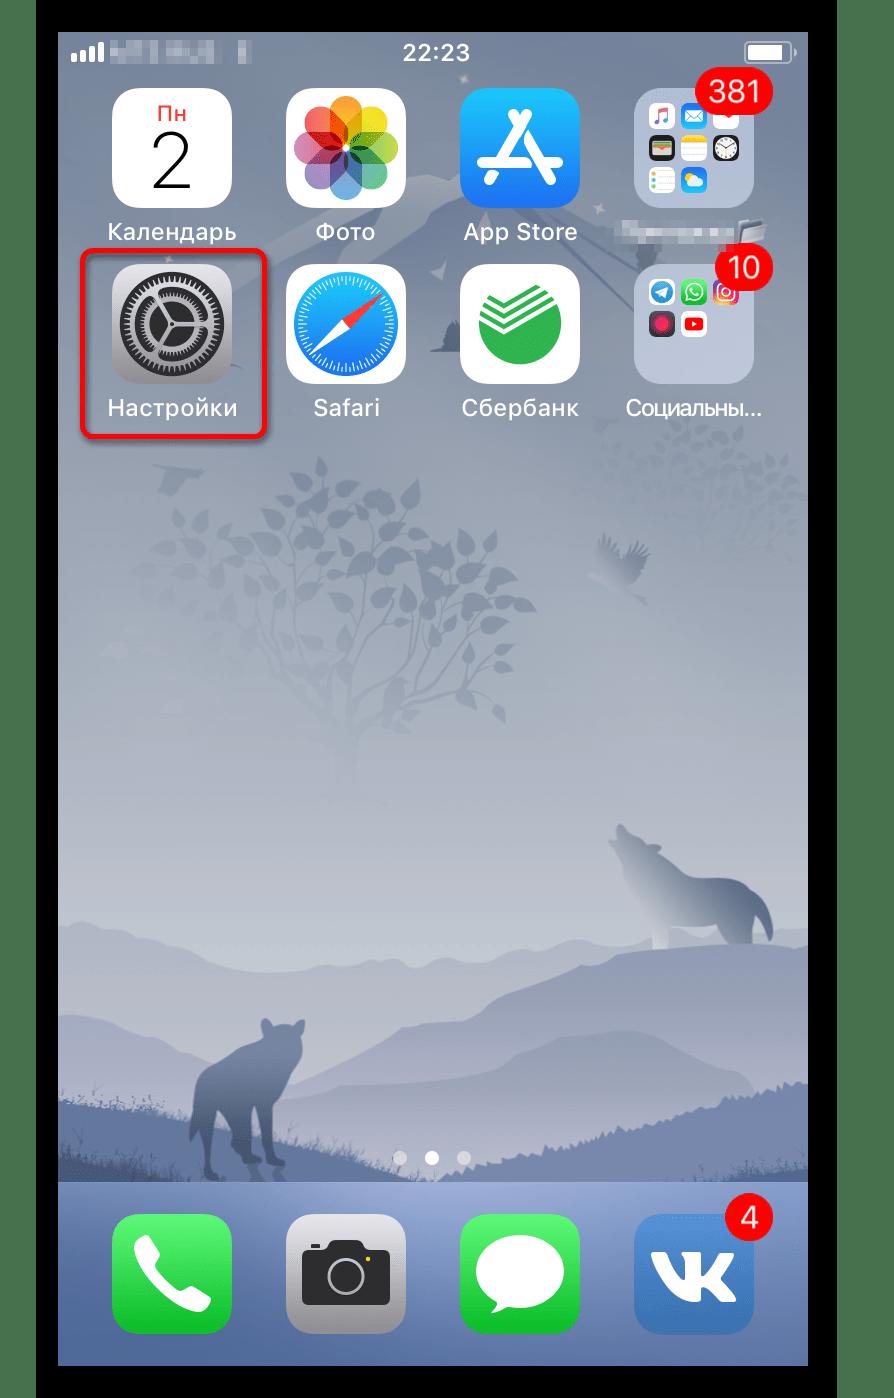 Переход к настройкам iPhone